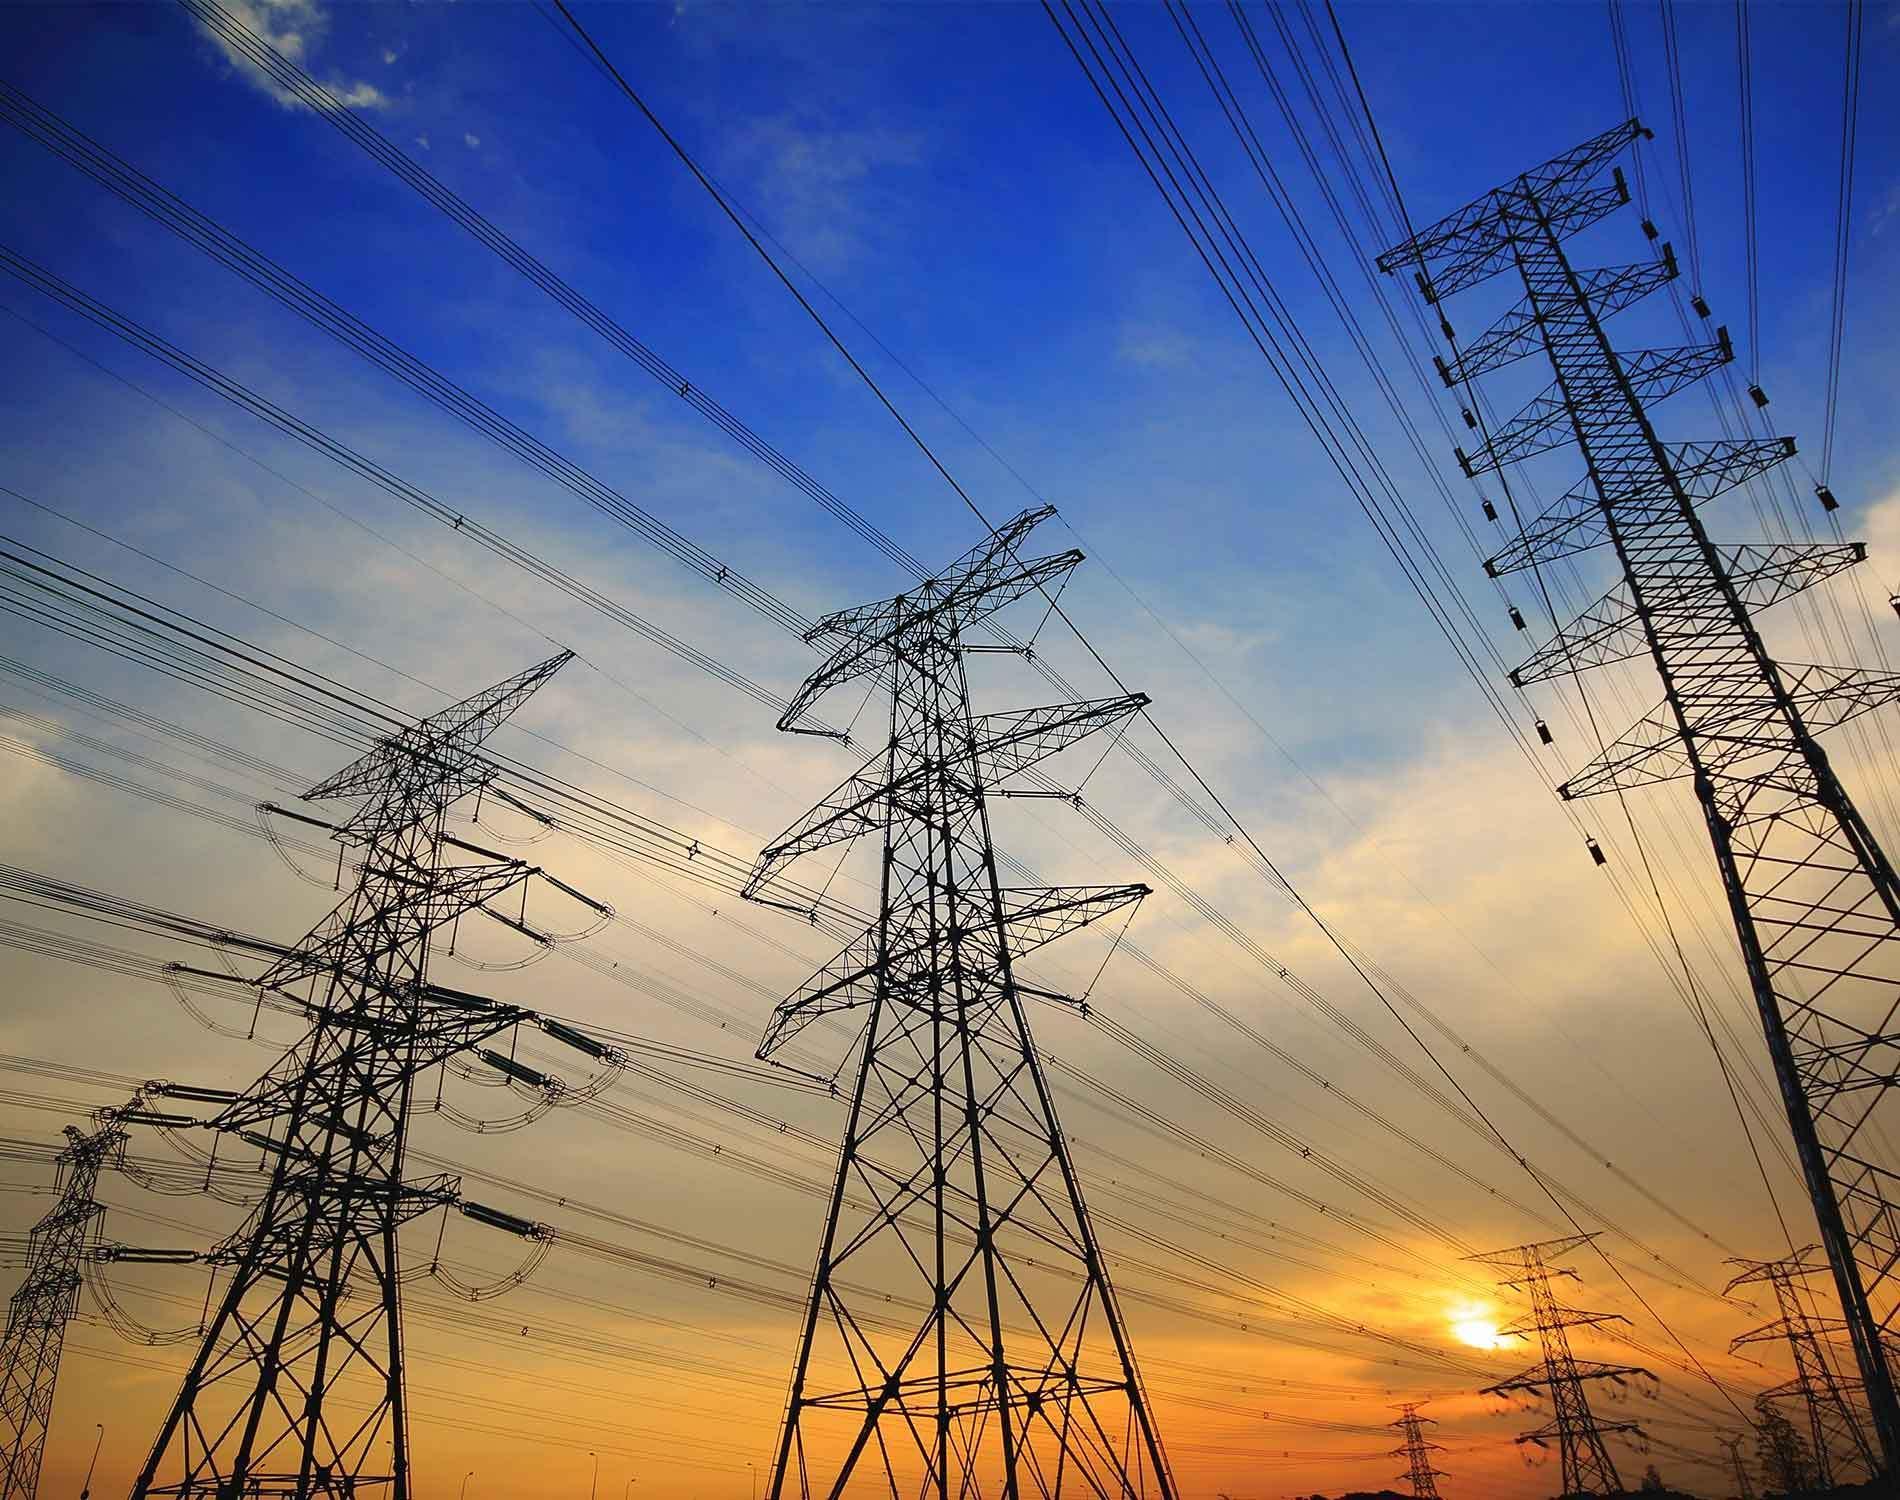 İki qəsəbədə elektrik enerjisinin verilişində fasilələr yaranacaq